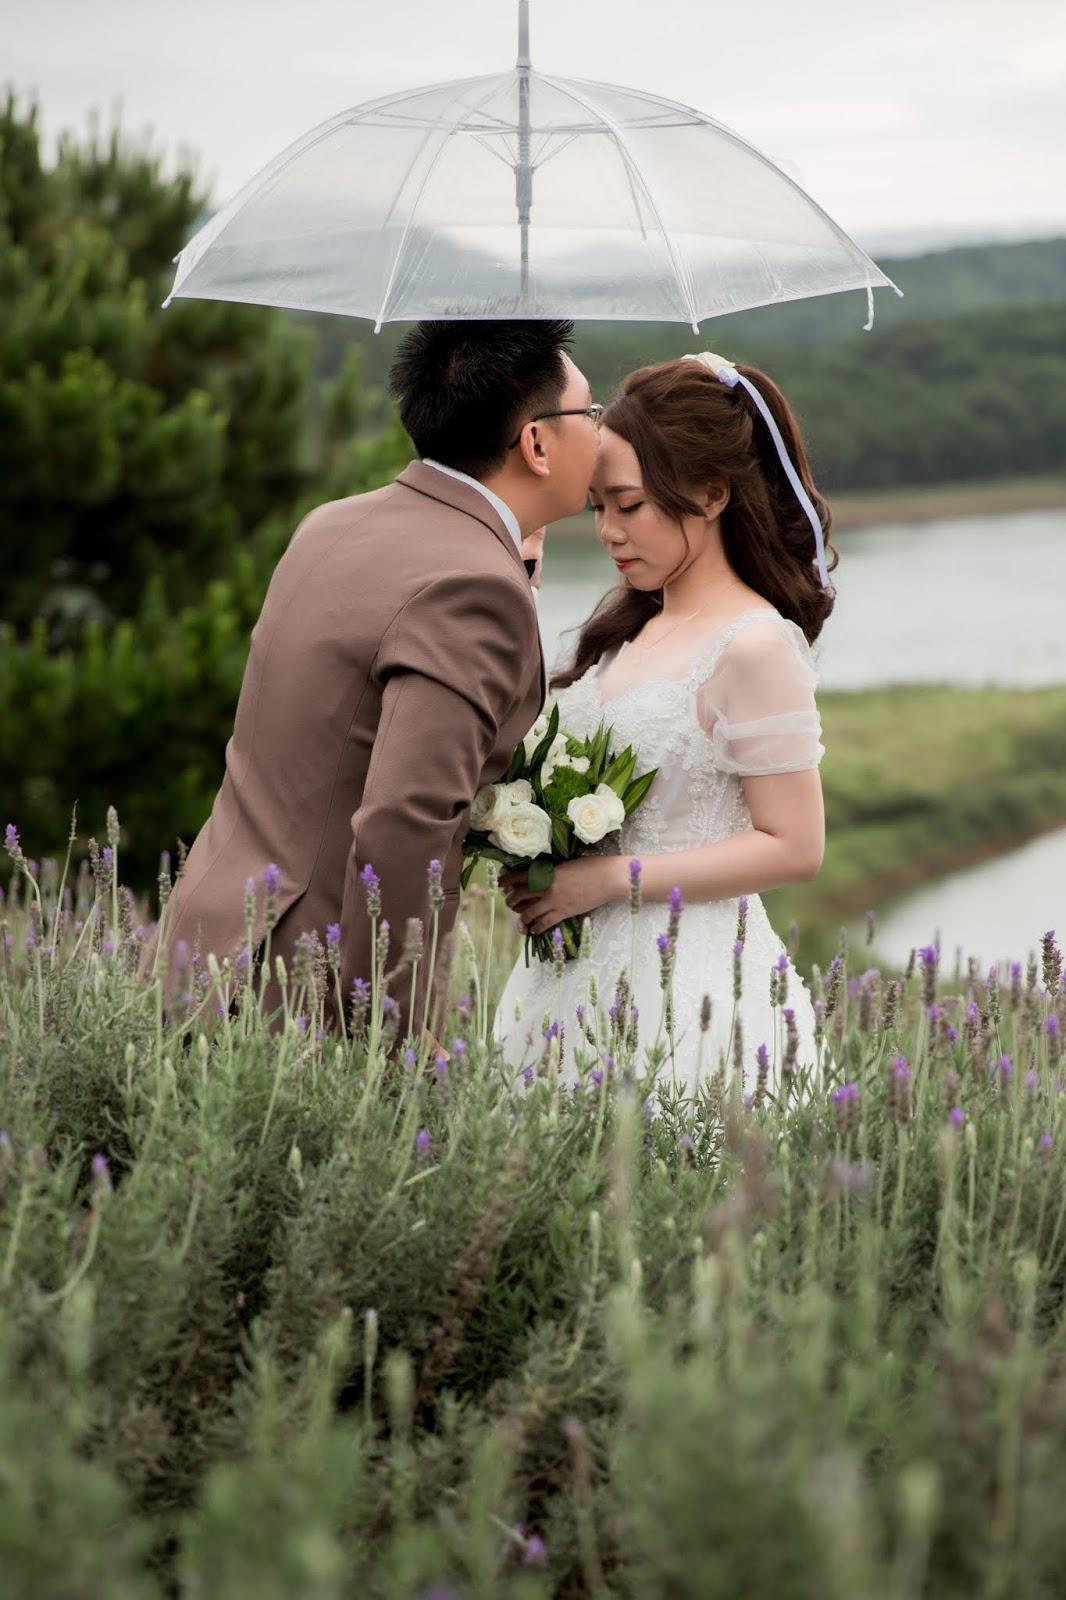 Chụp hình cưới ngoại cảnh Đà Lạt - Phan Thiết